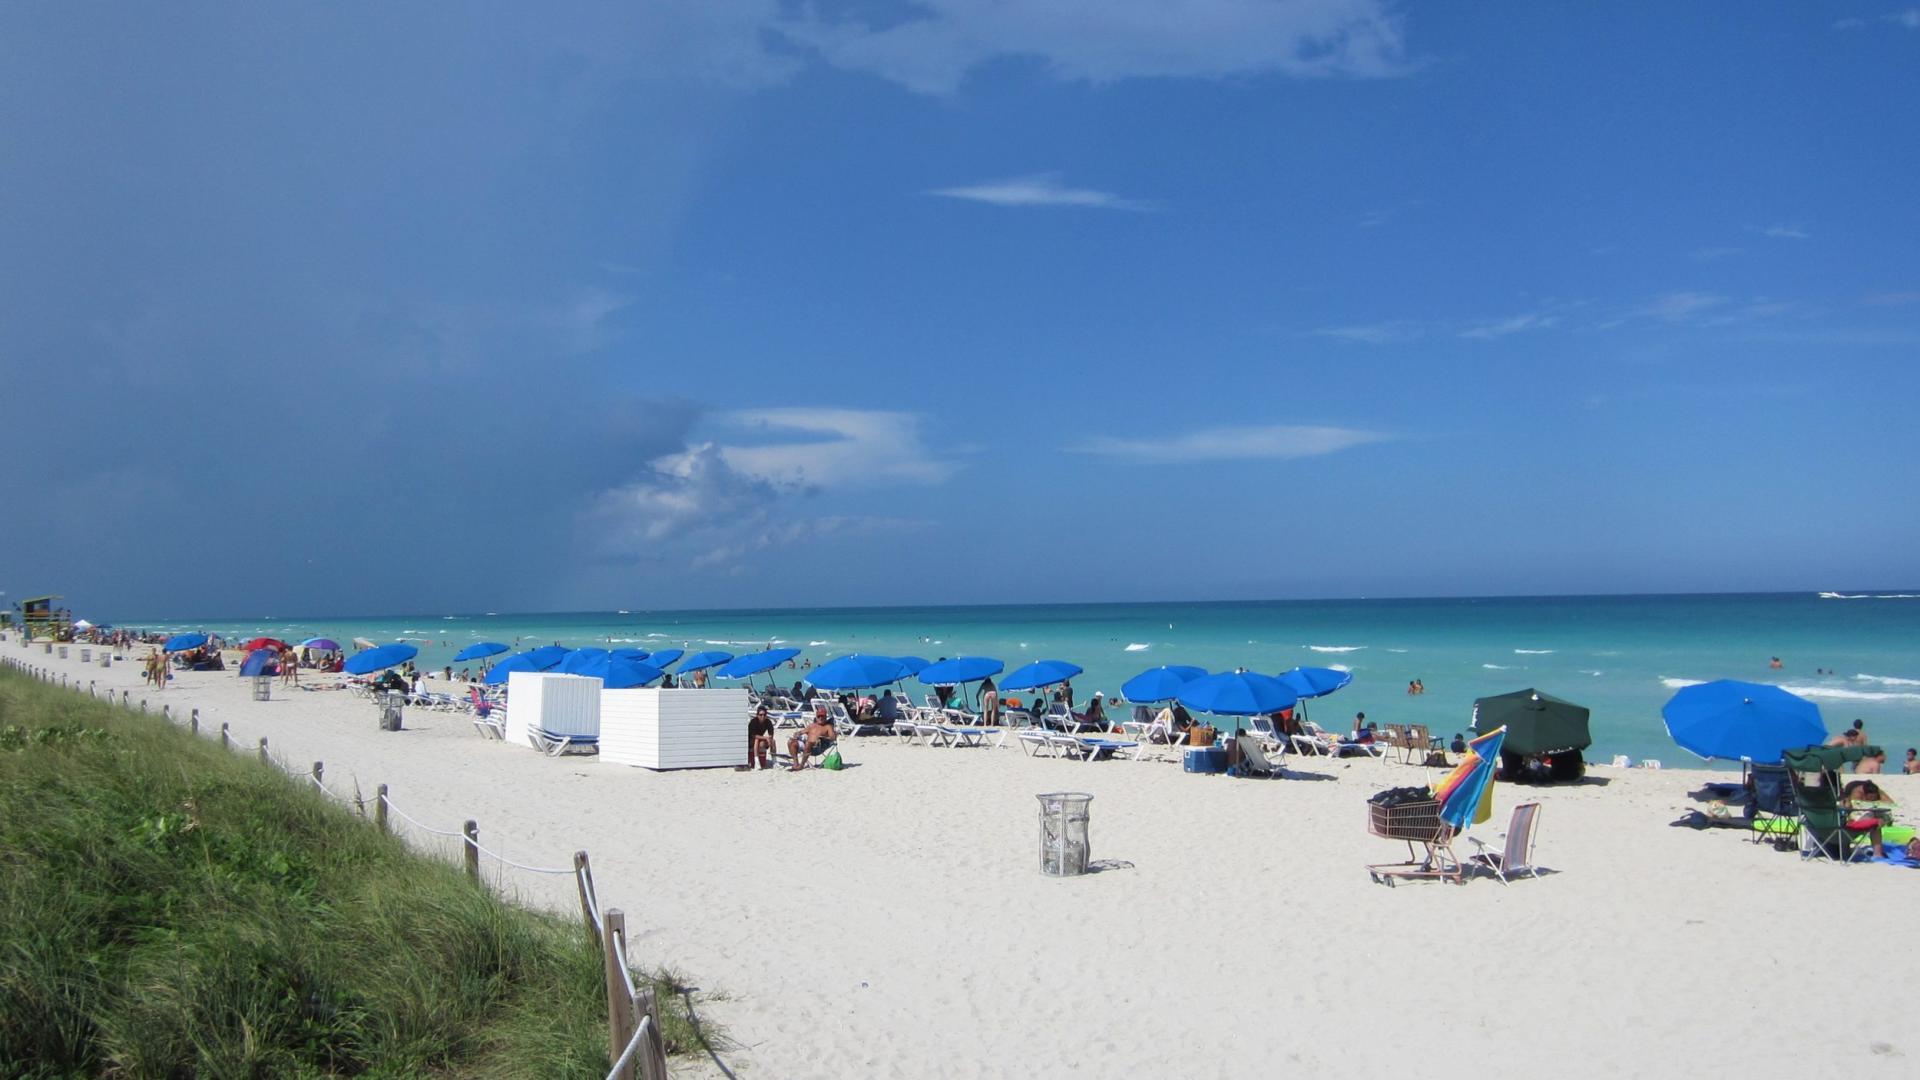 Beach Paradise Hotel Miami Beach Fl